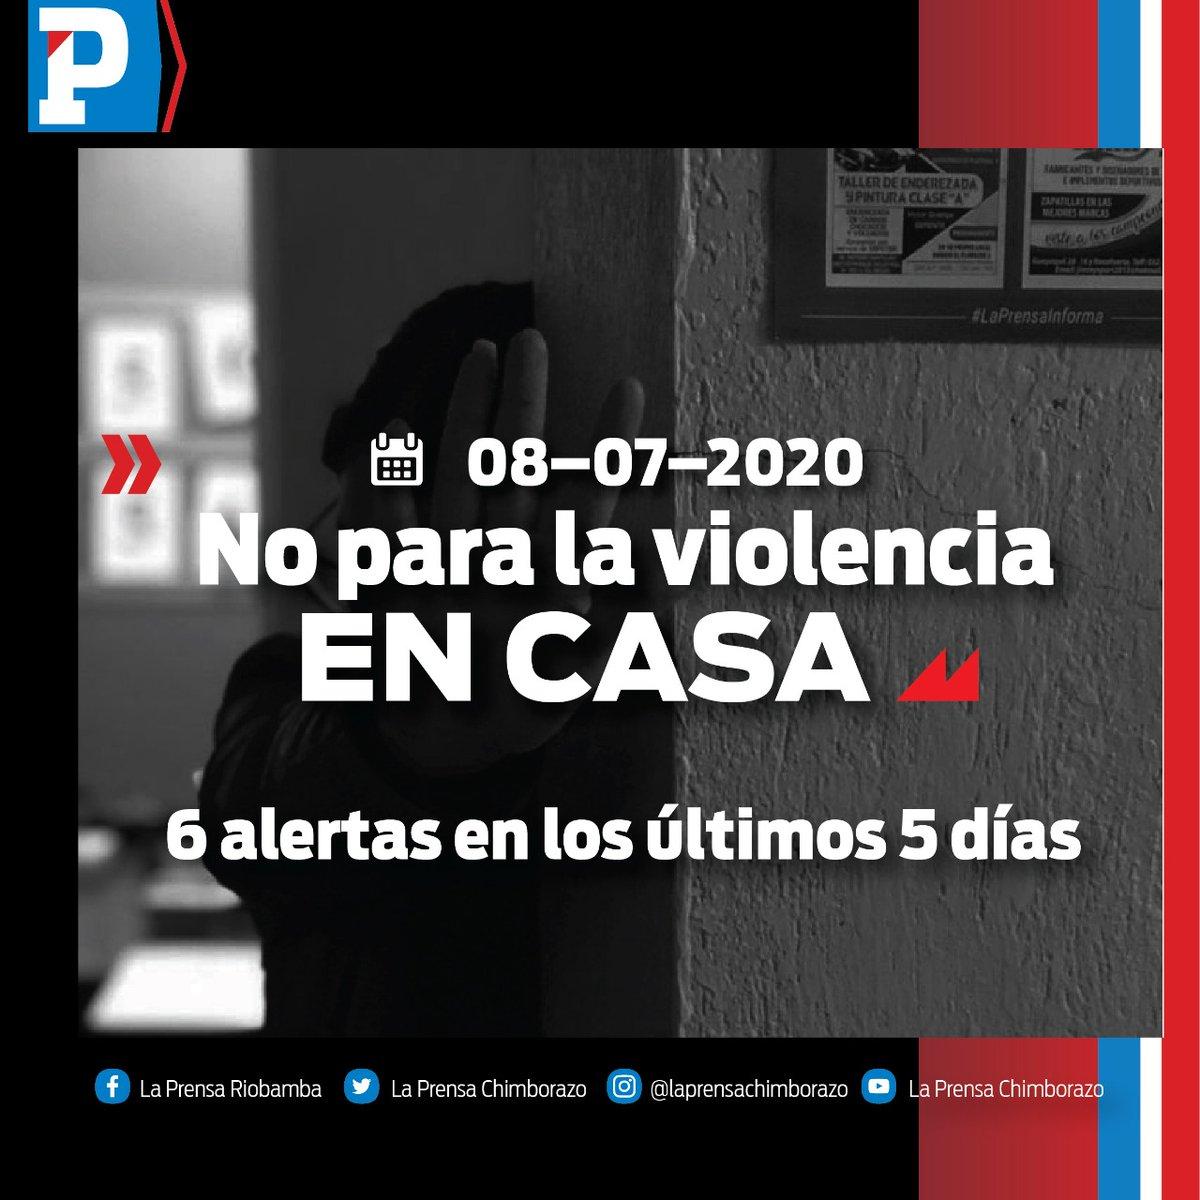 La Prensa Chimborazo